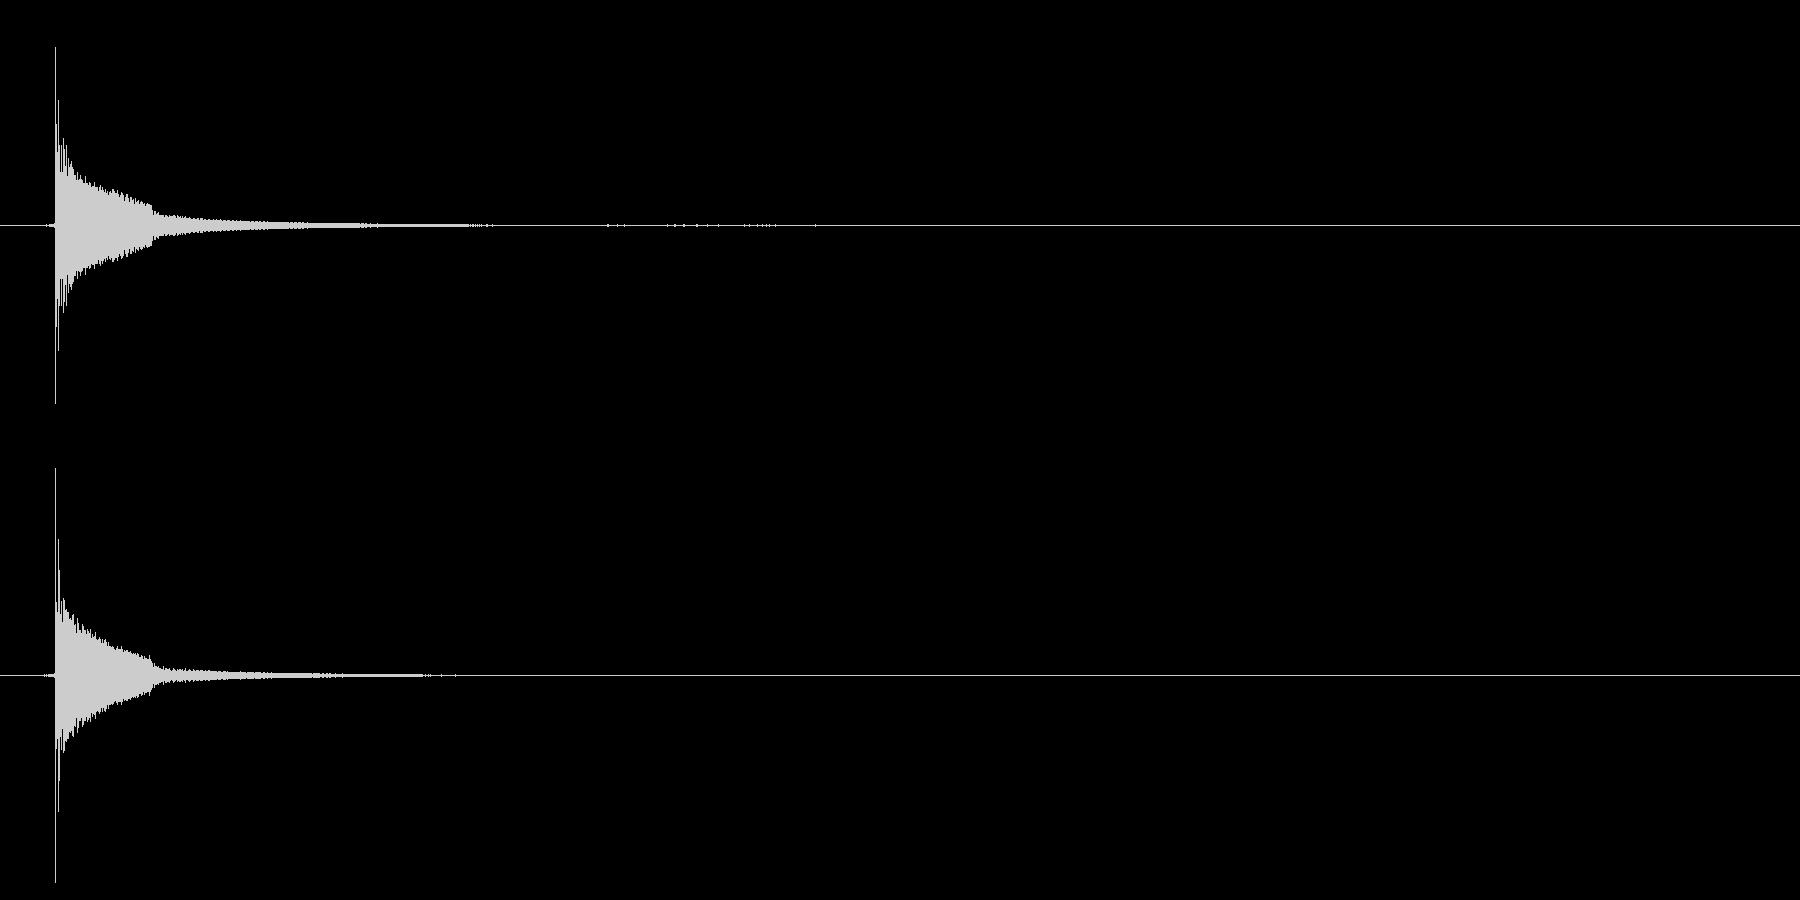 カン(キーン)、木と金属が当たる音の未再生の波形